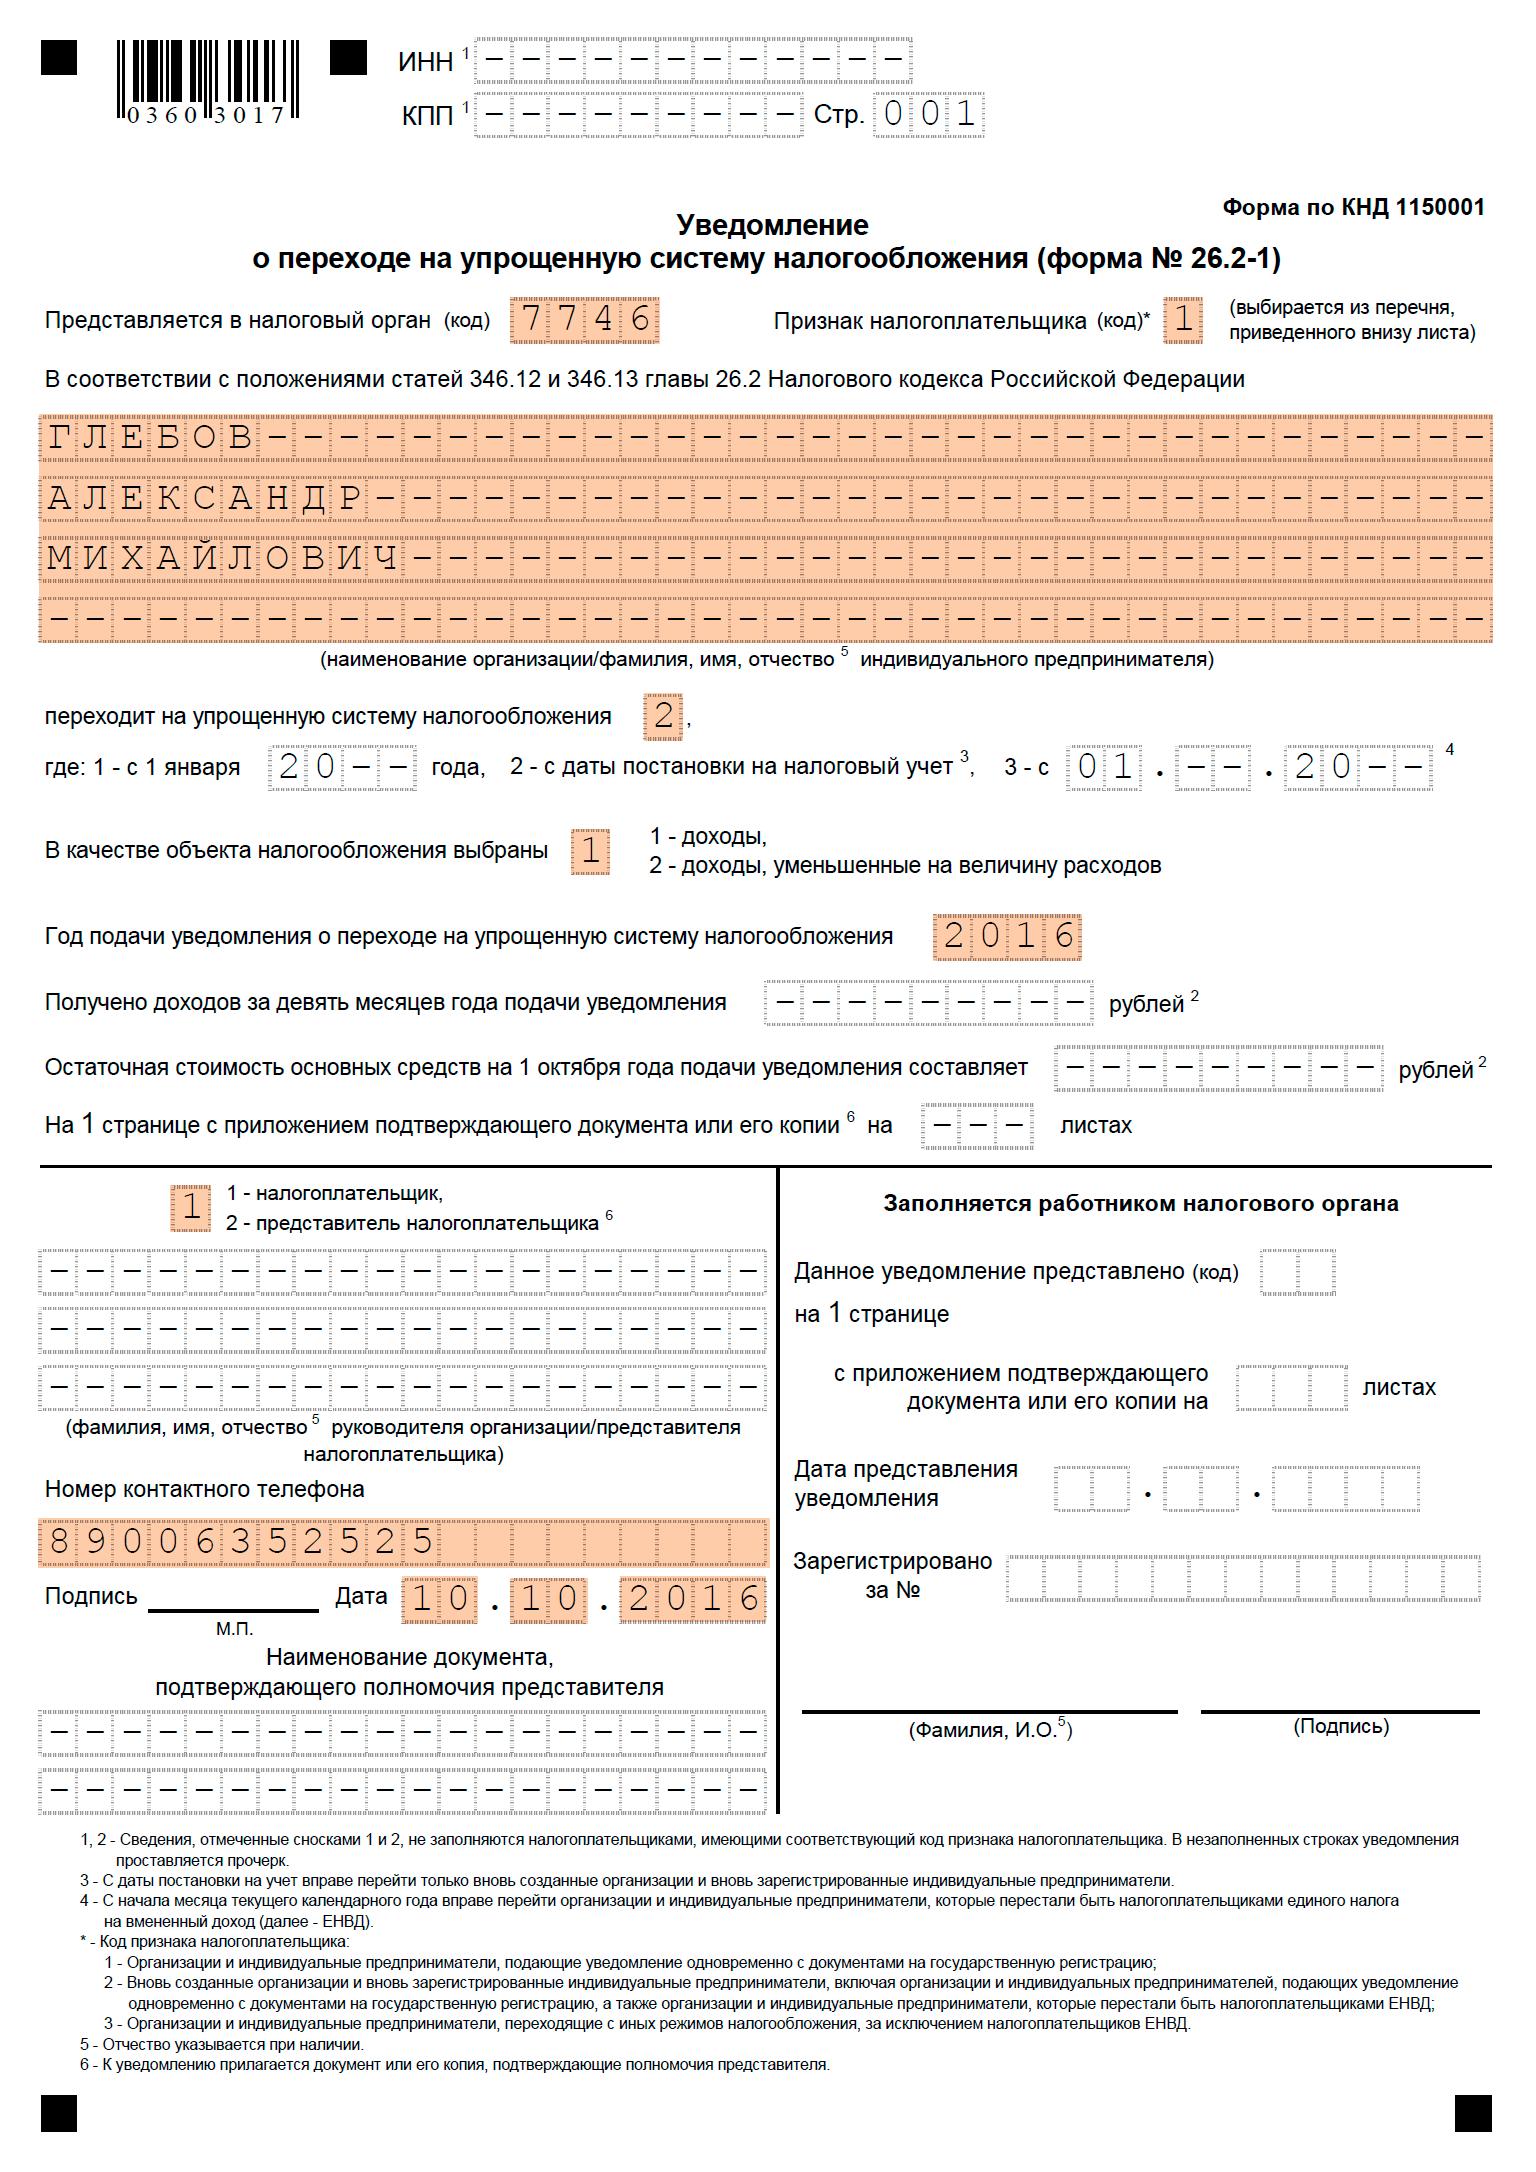 Заявление на регистрацию ооо 2019 бланк скачать формы гос регистрация ооо